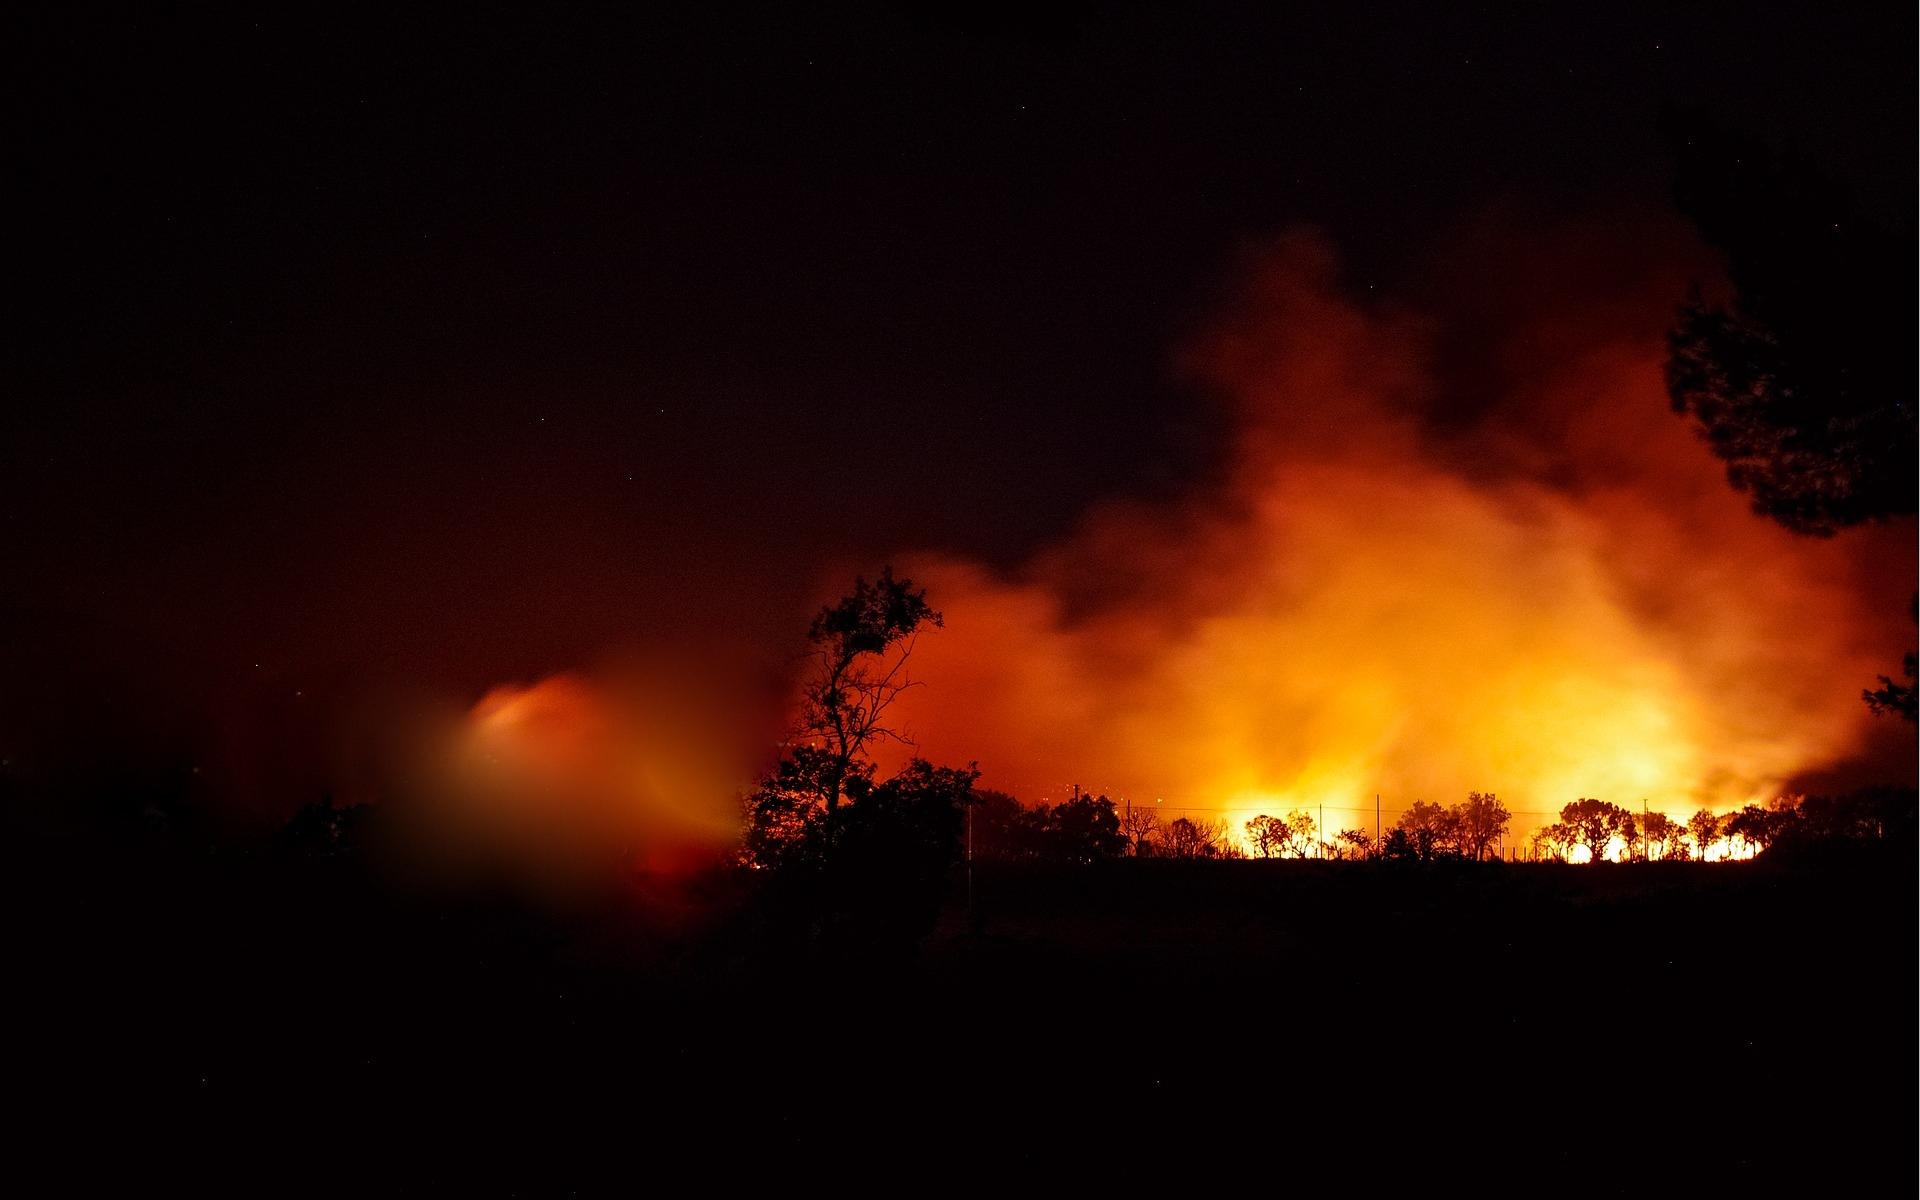 Spłonął ośrodek Rejdychówka w Manastercu [MAPA] - Zdjęcie główne